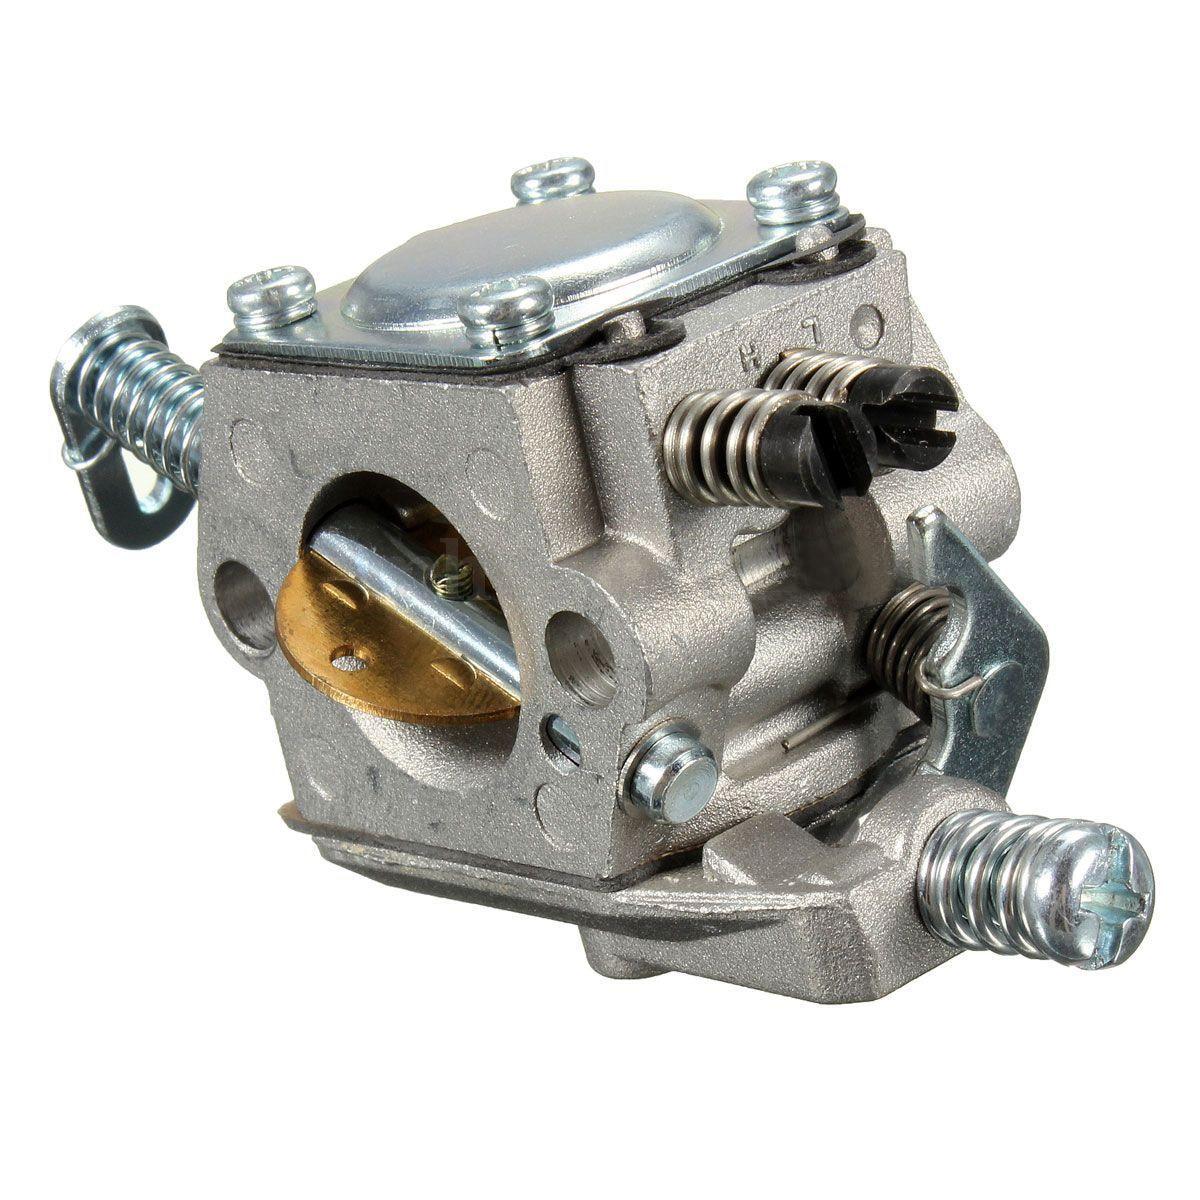 AUTO Carb Carburateur Pour STIHL 025 023 021 MS250 MS230 Zama Tronçonneuse Walbro Remplacer Argent